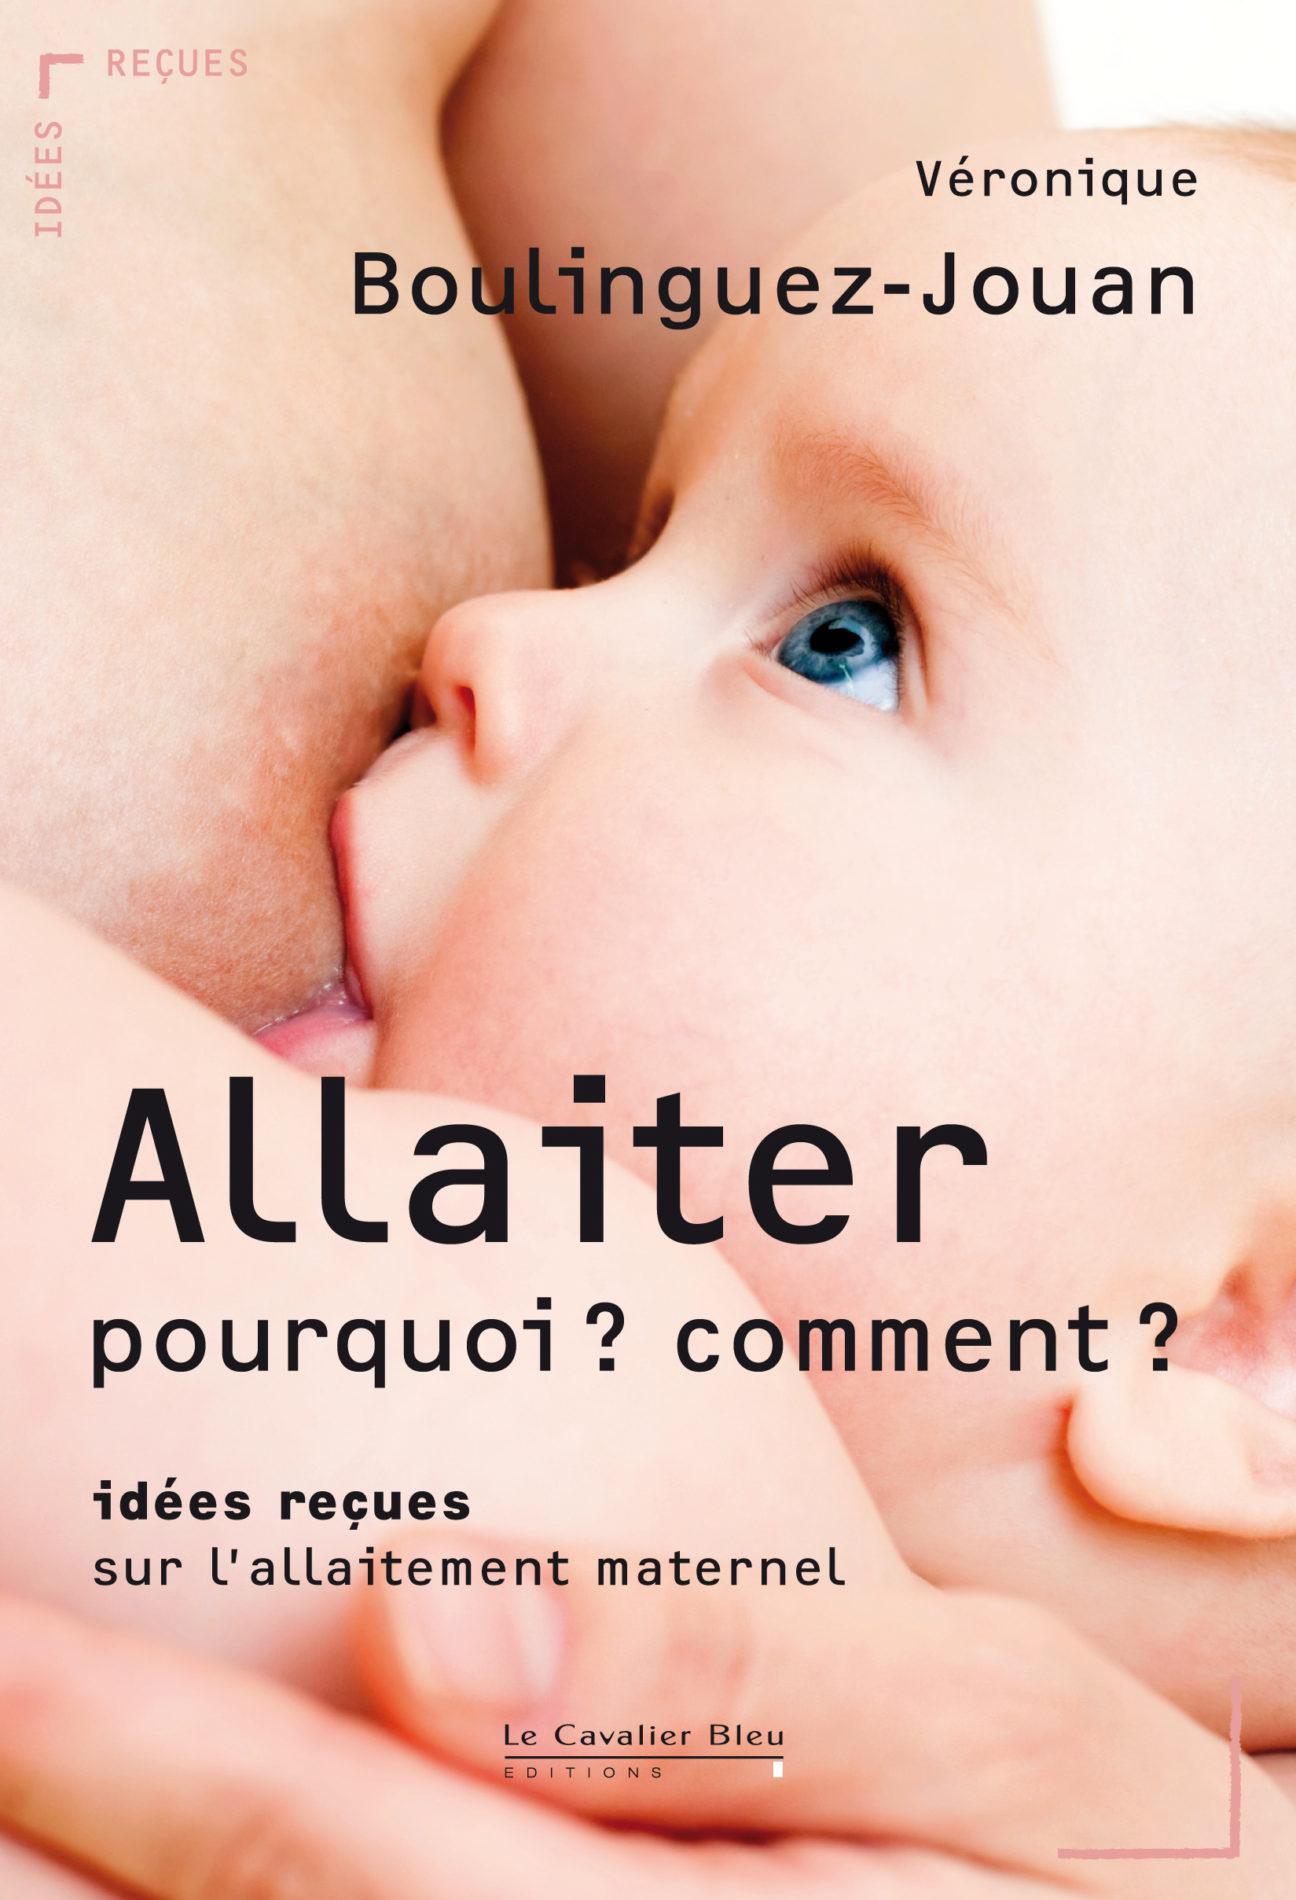 Couverture du livre Allaiter, pourquoi comment ?